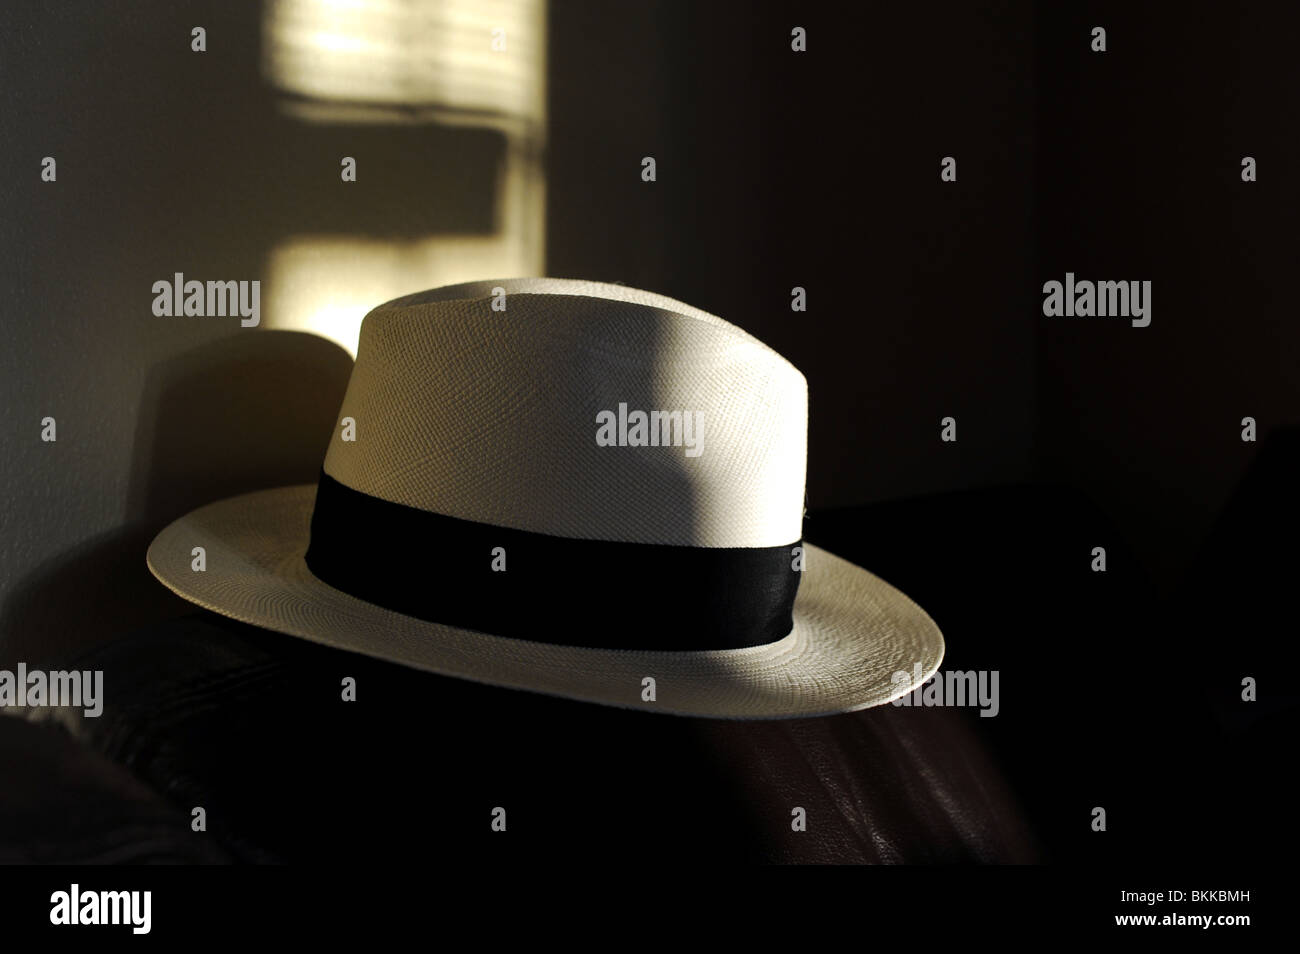 Cappello di Panama in luce e ombra Foto   Immagine Stock  29315121 ... 0688779740b7